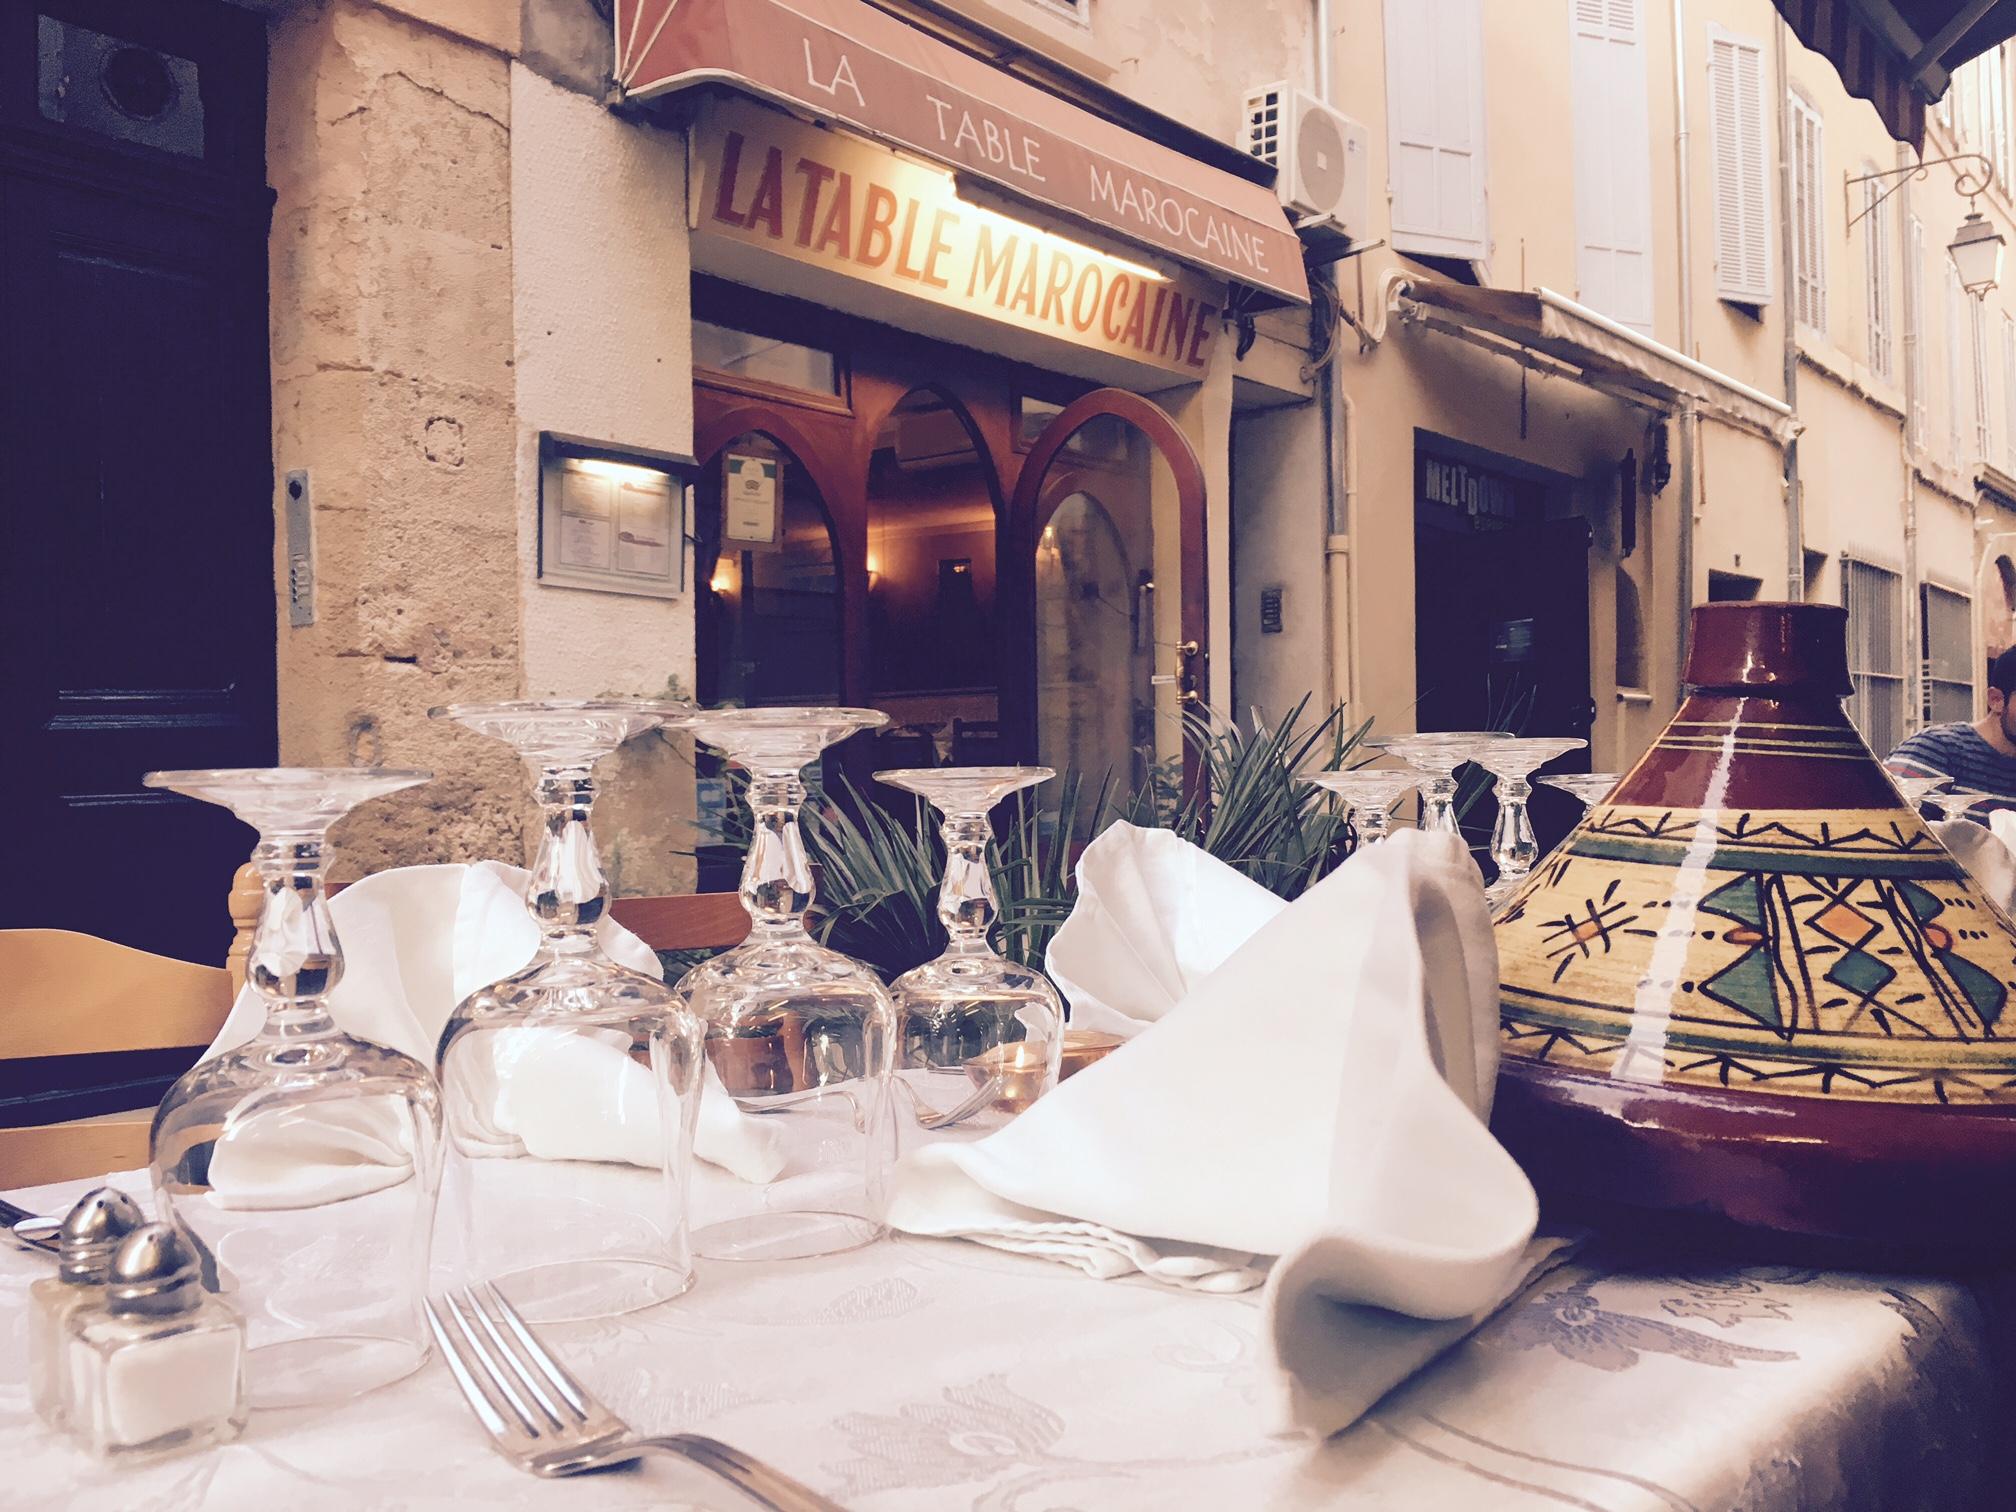 La Table Marocaine Aix en Provence